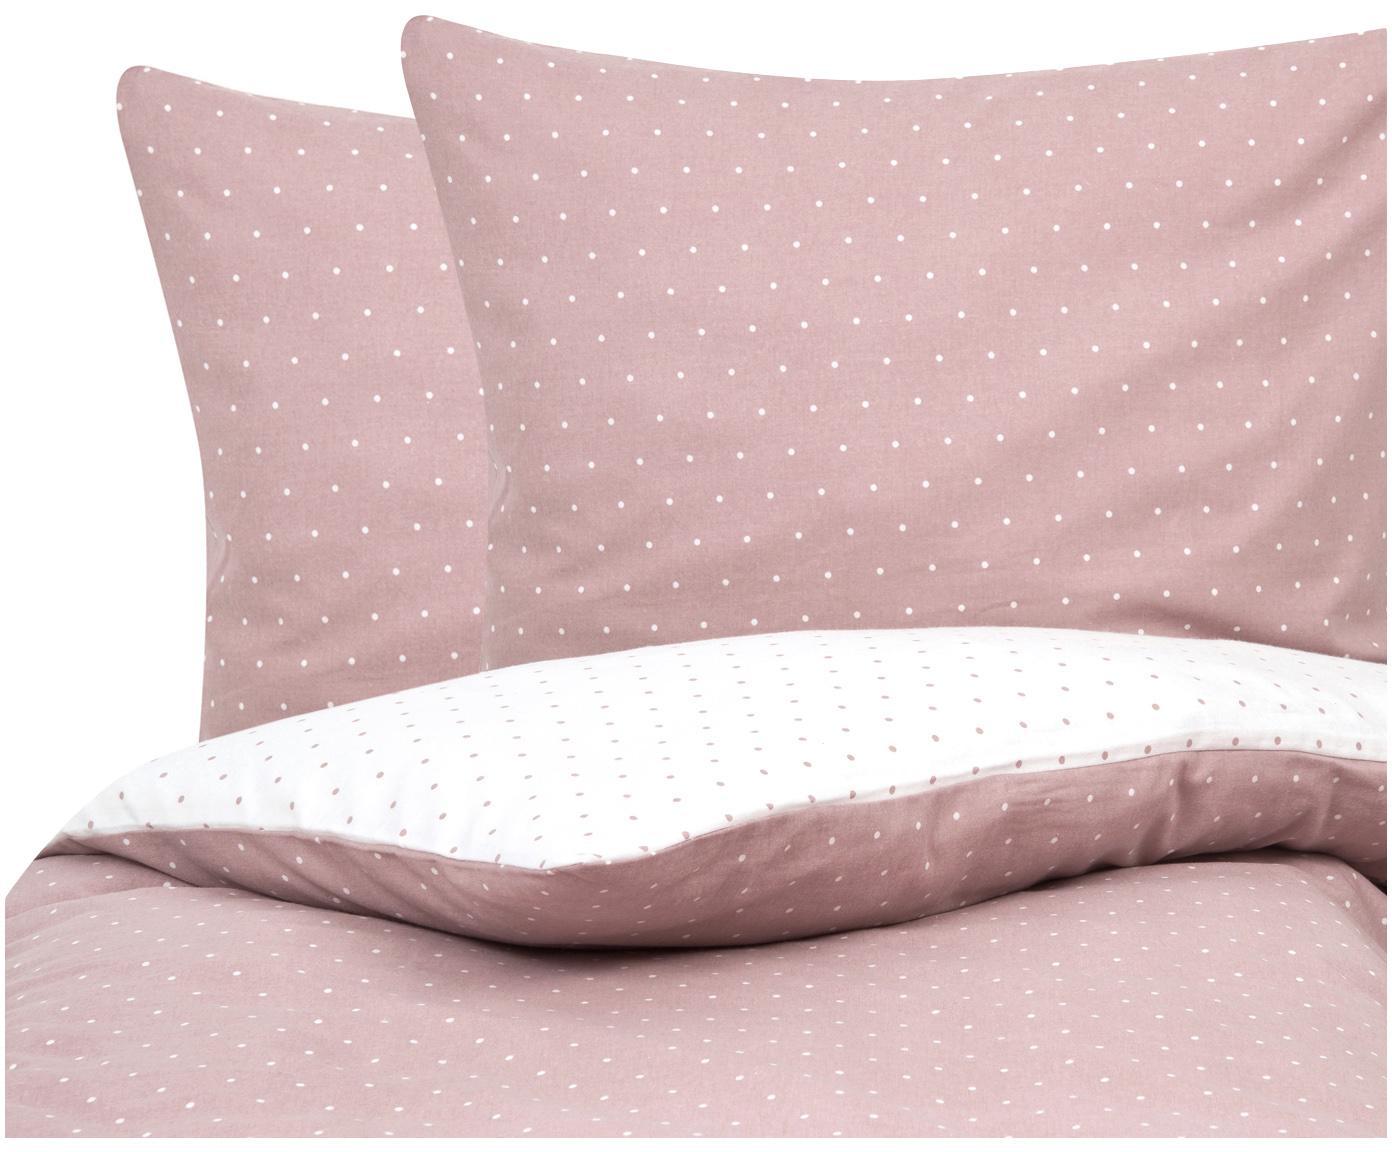 Flanell-Wendebettwäsche Betty, gepunktet, Webart: Flanell Flanell ist ein s, Altrosa, Weiss, 200 x 200 cm + 2 Kissen 80 x 80 cm